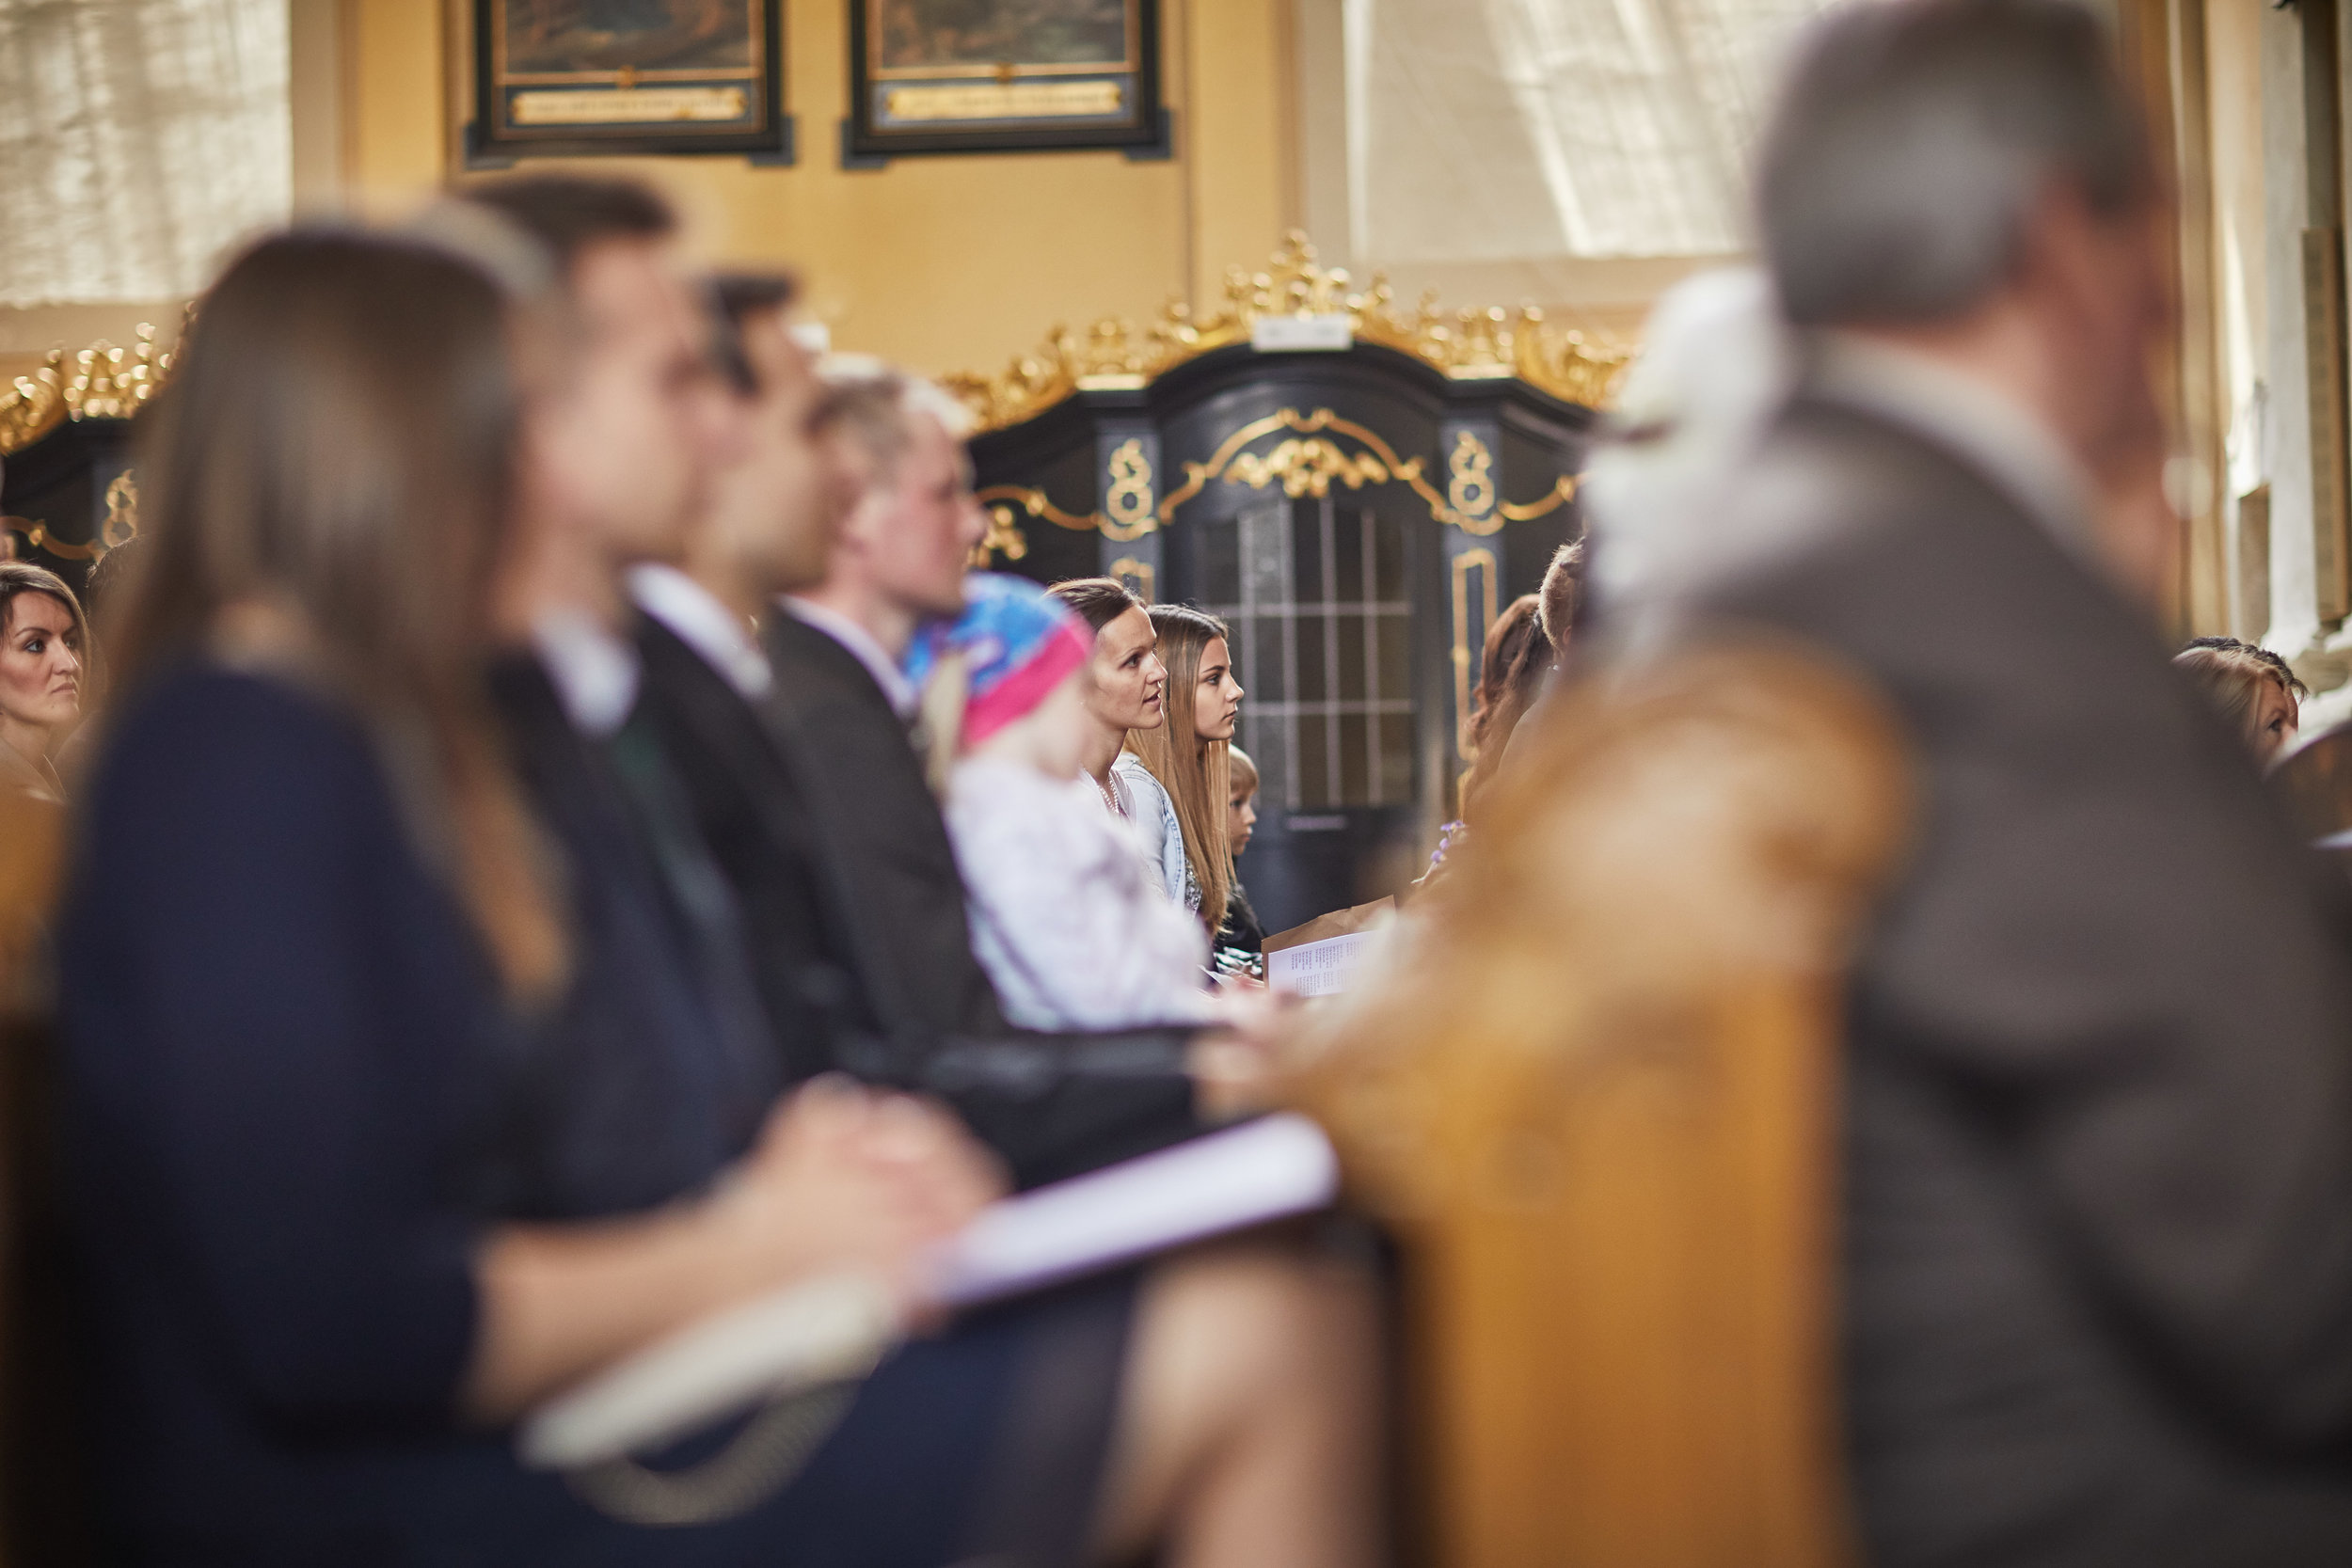 Hochzeit-Kathi-SiegiHochzeit Kathi und Siegi_31A5837.jpg